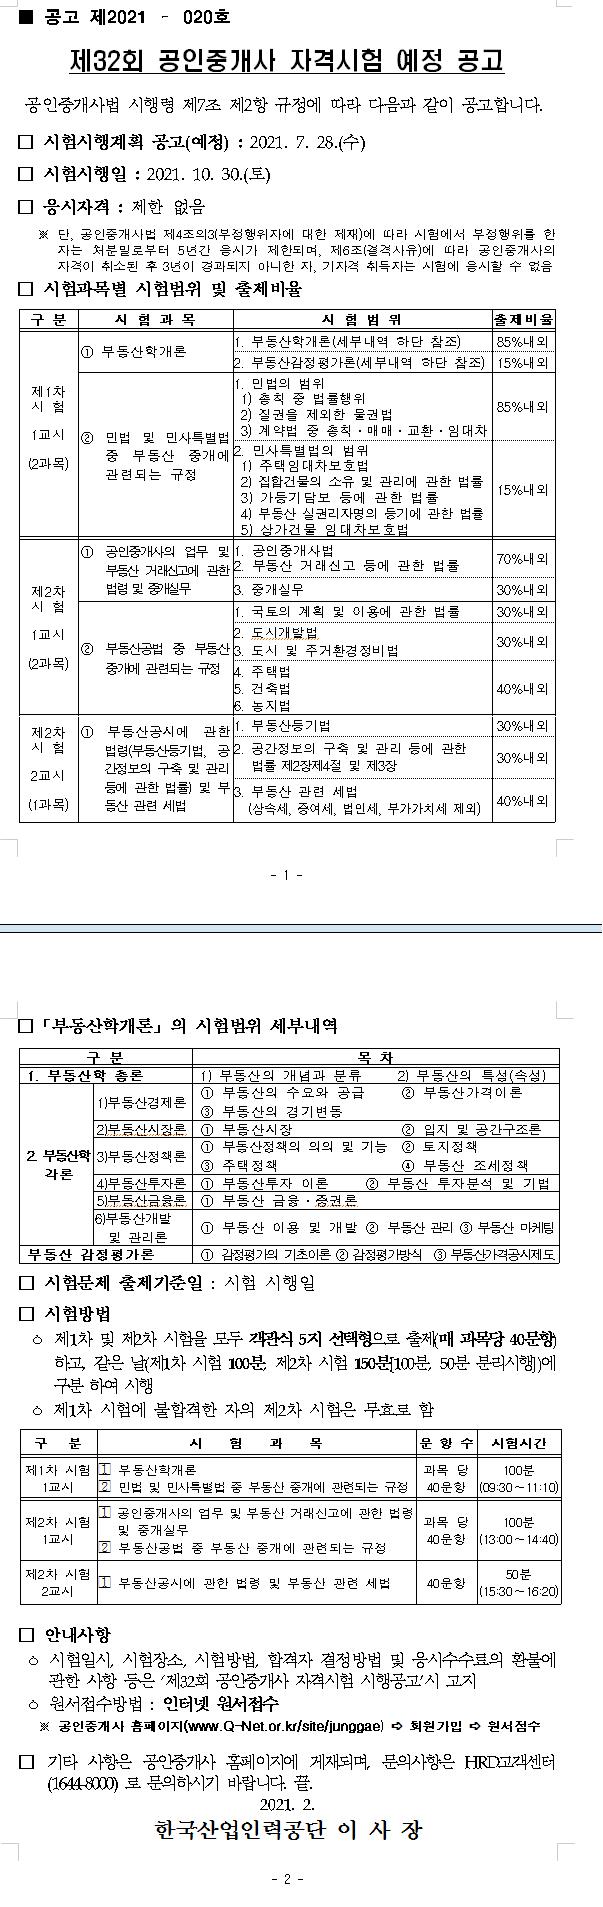 제32회 공인중개사 자격시험 예정 공고